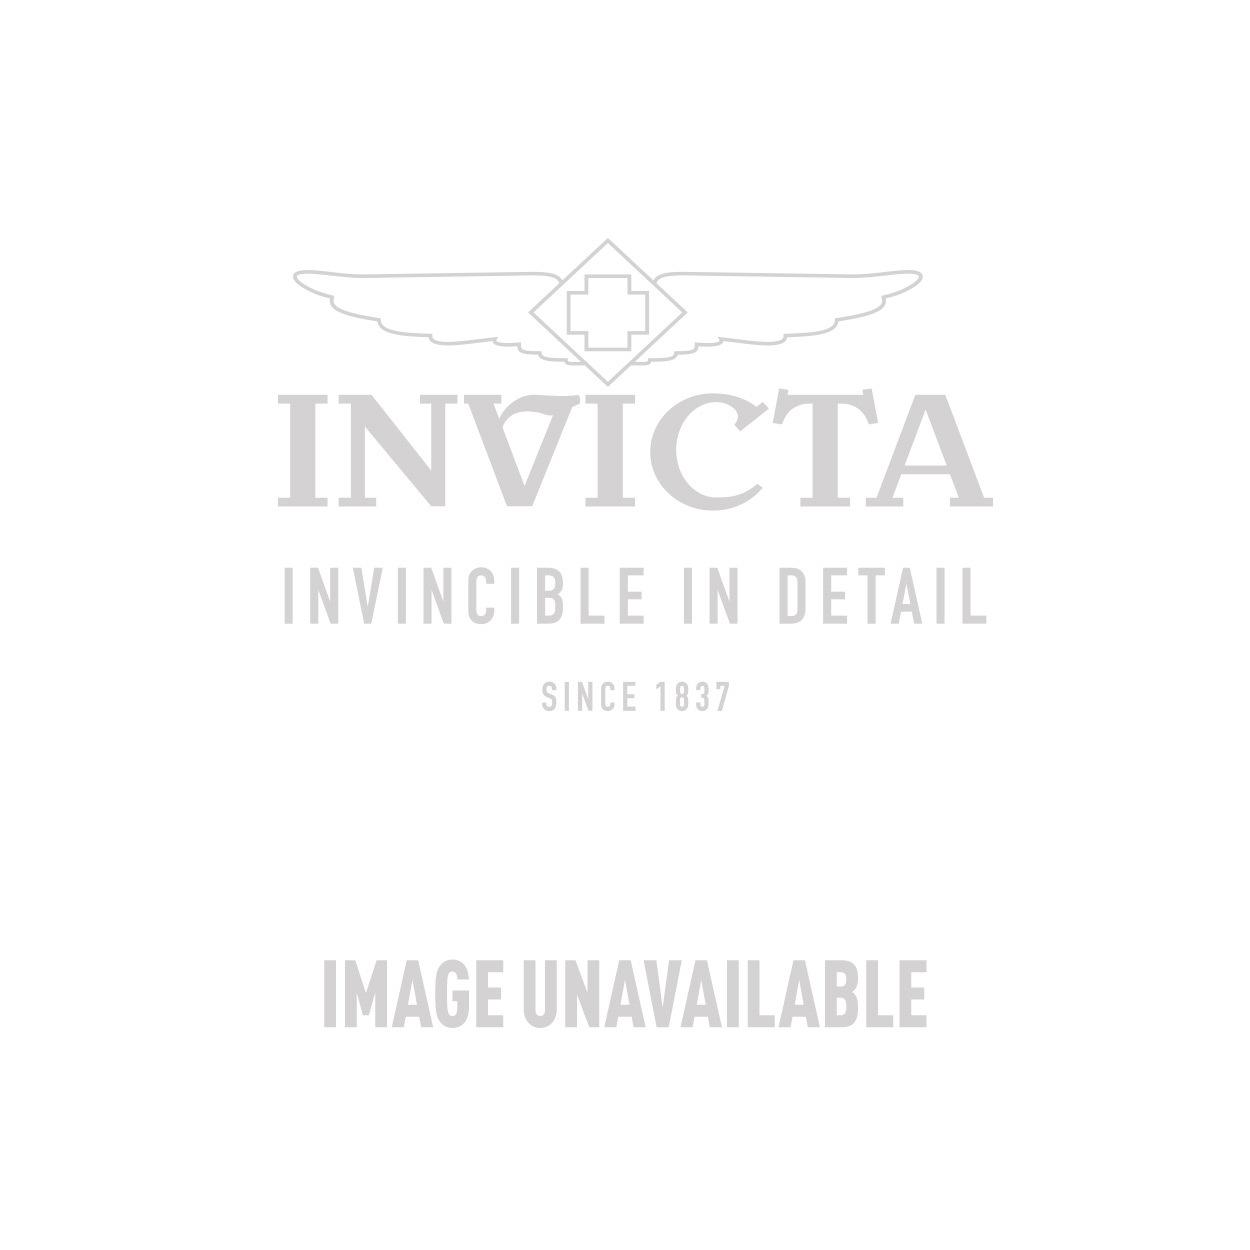 Invicta Model 29859